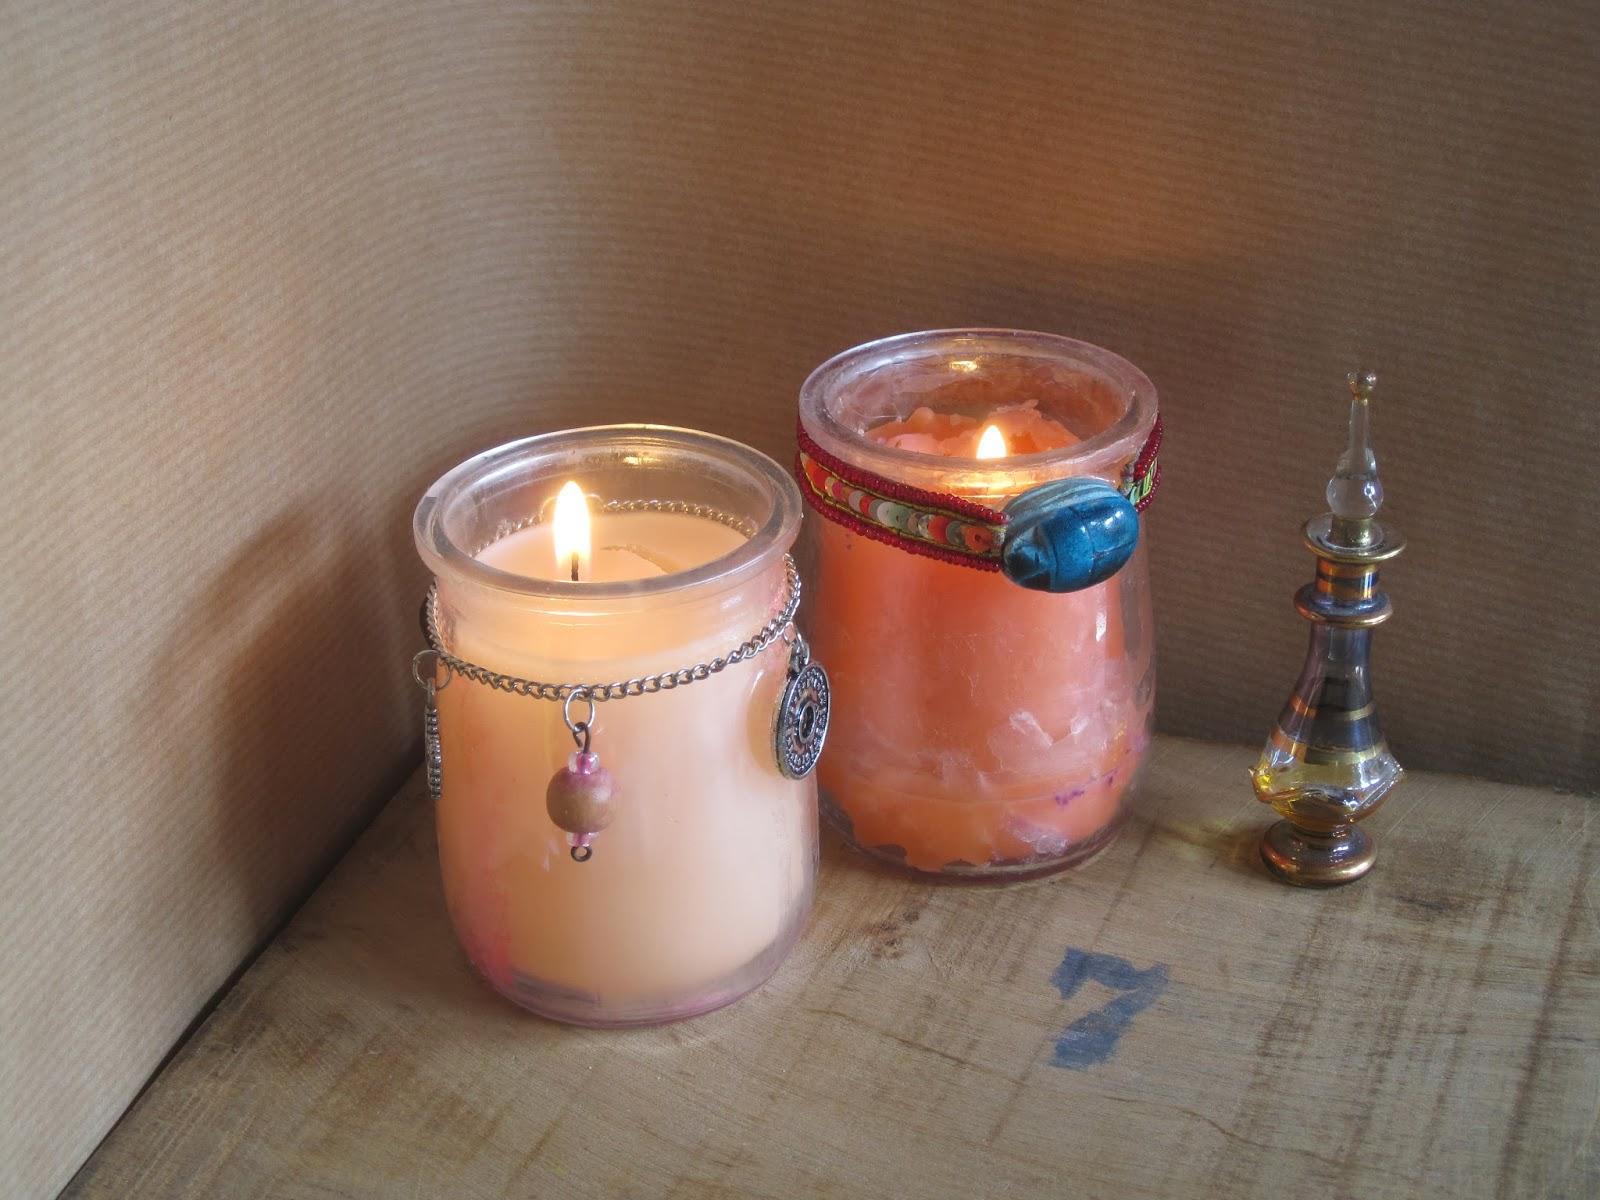 El arte de las cosas nimias c mo hacer velas caseras con - Cosas para hacer en casa ...